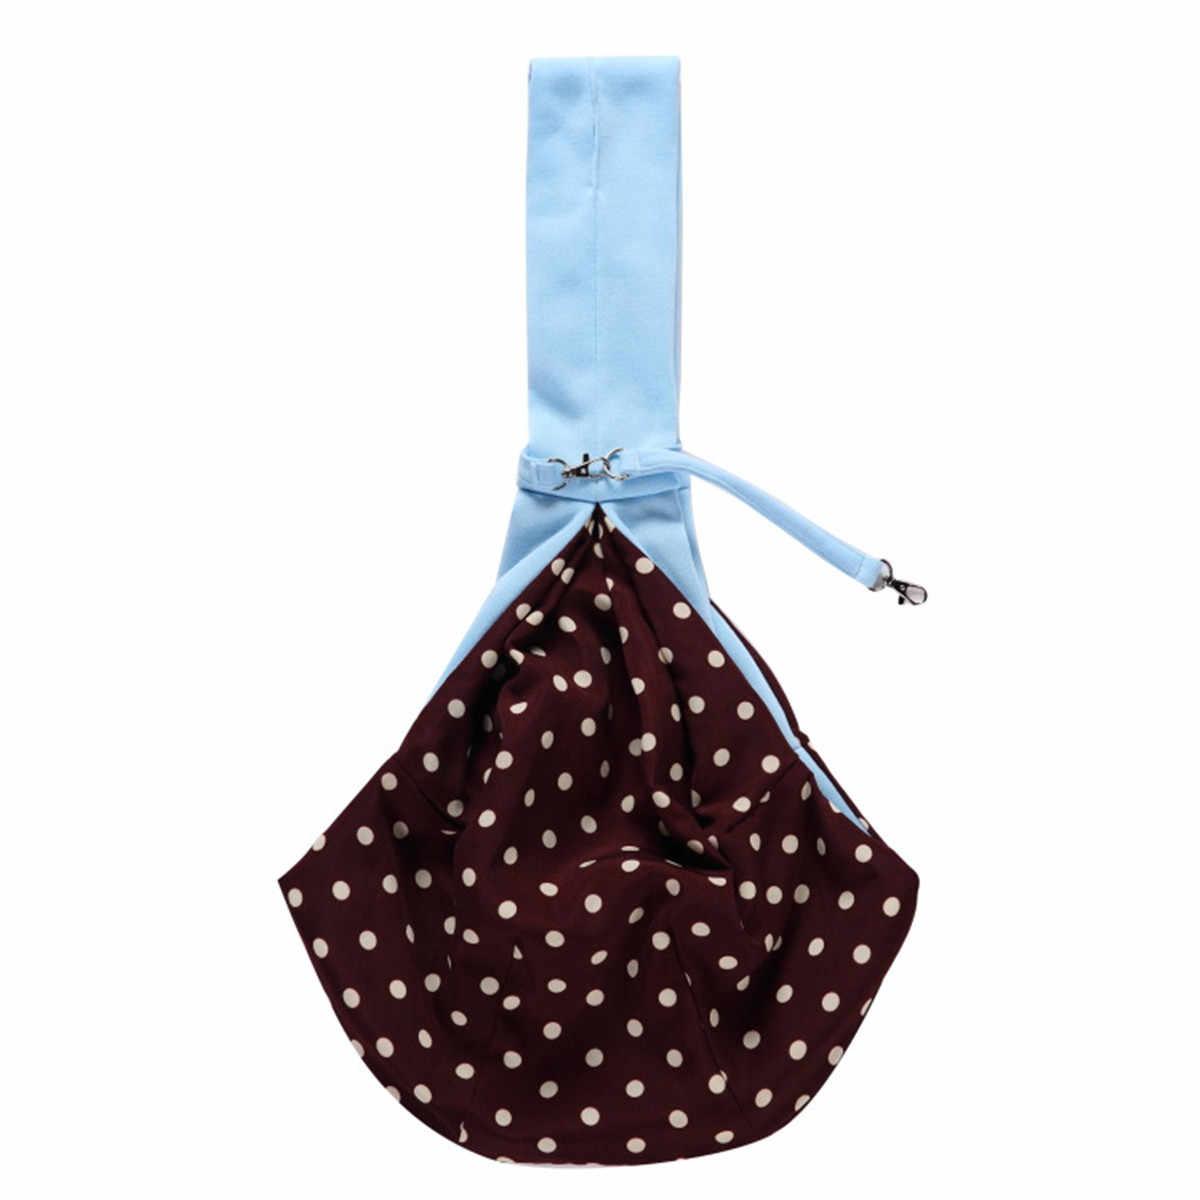 Реверсивный собака сумка для переноски собак плечевой ремешок сумка дорожная Сумочка розовый/темно серый/синий полиэстер + хлопок 77x46 см